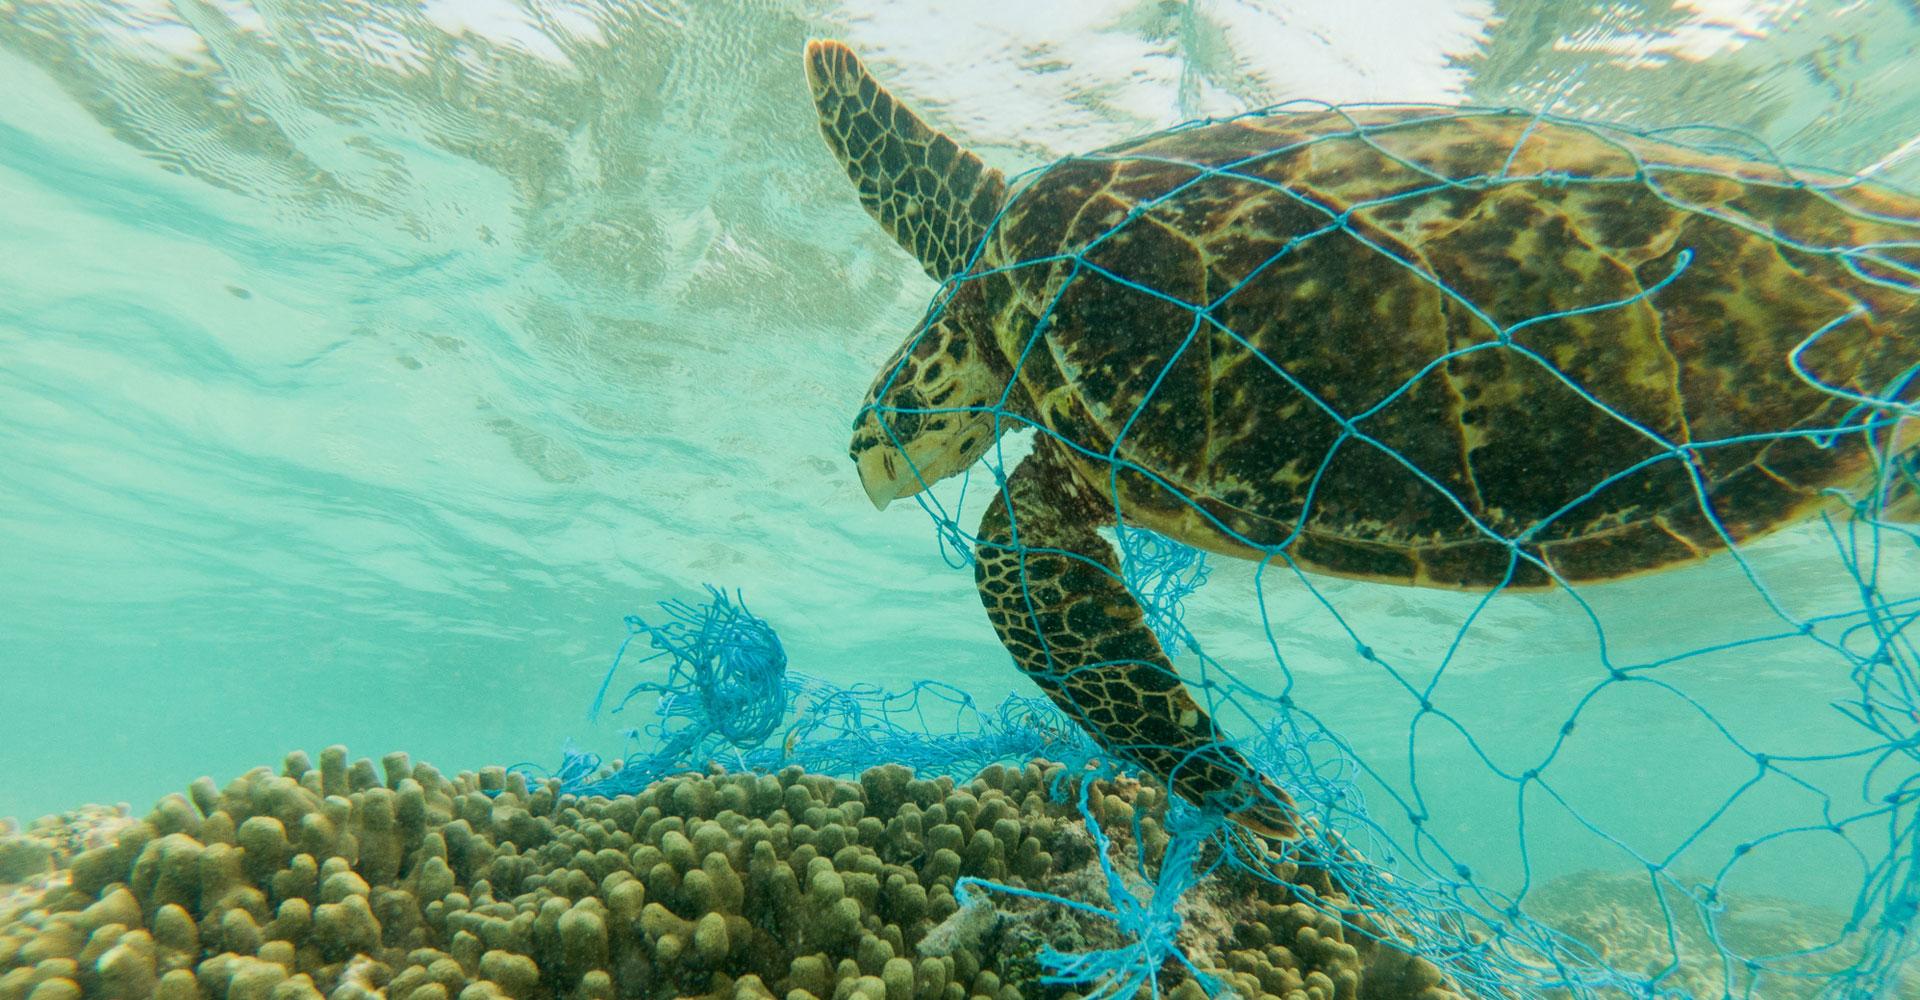 Schildkröte bleibt in Plastik hängen